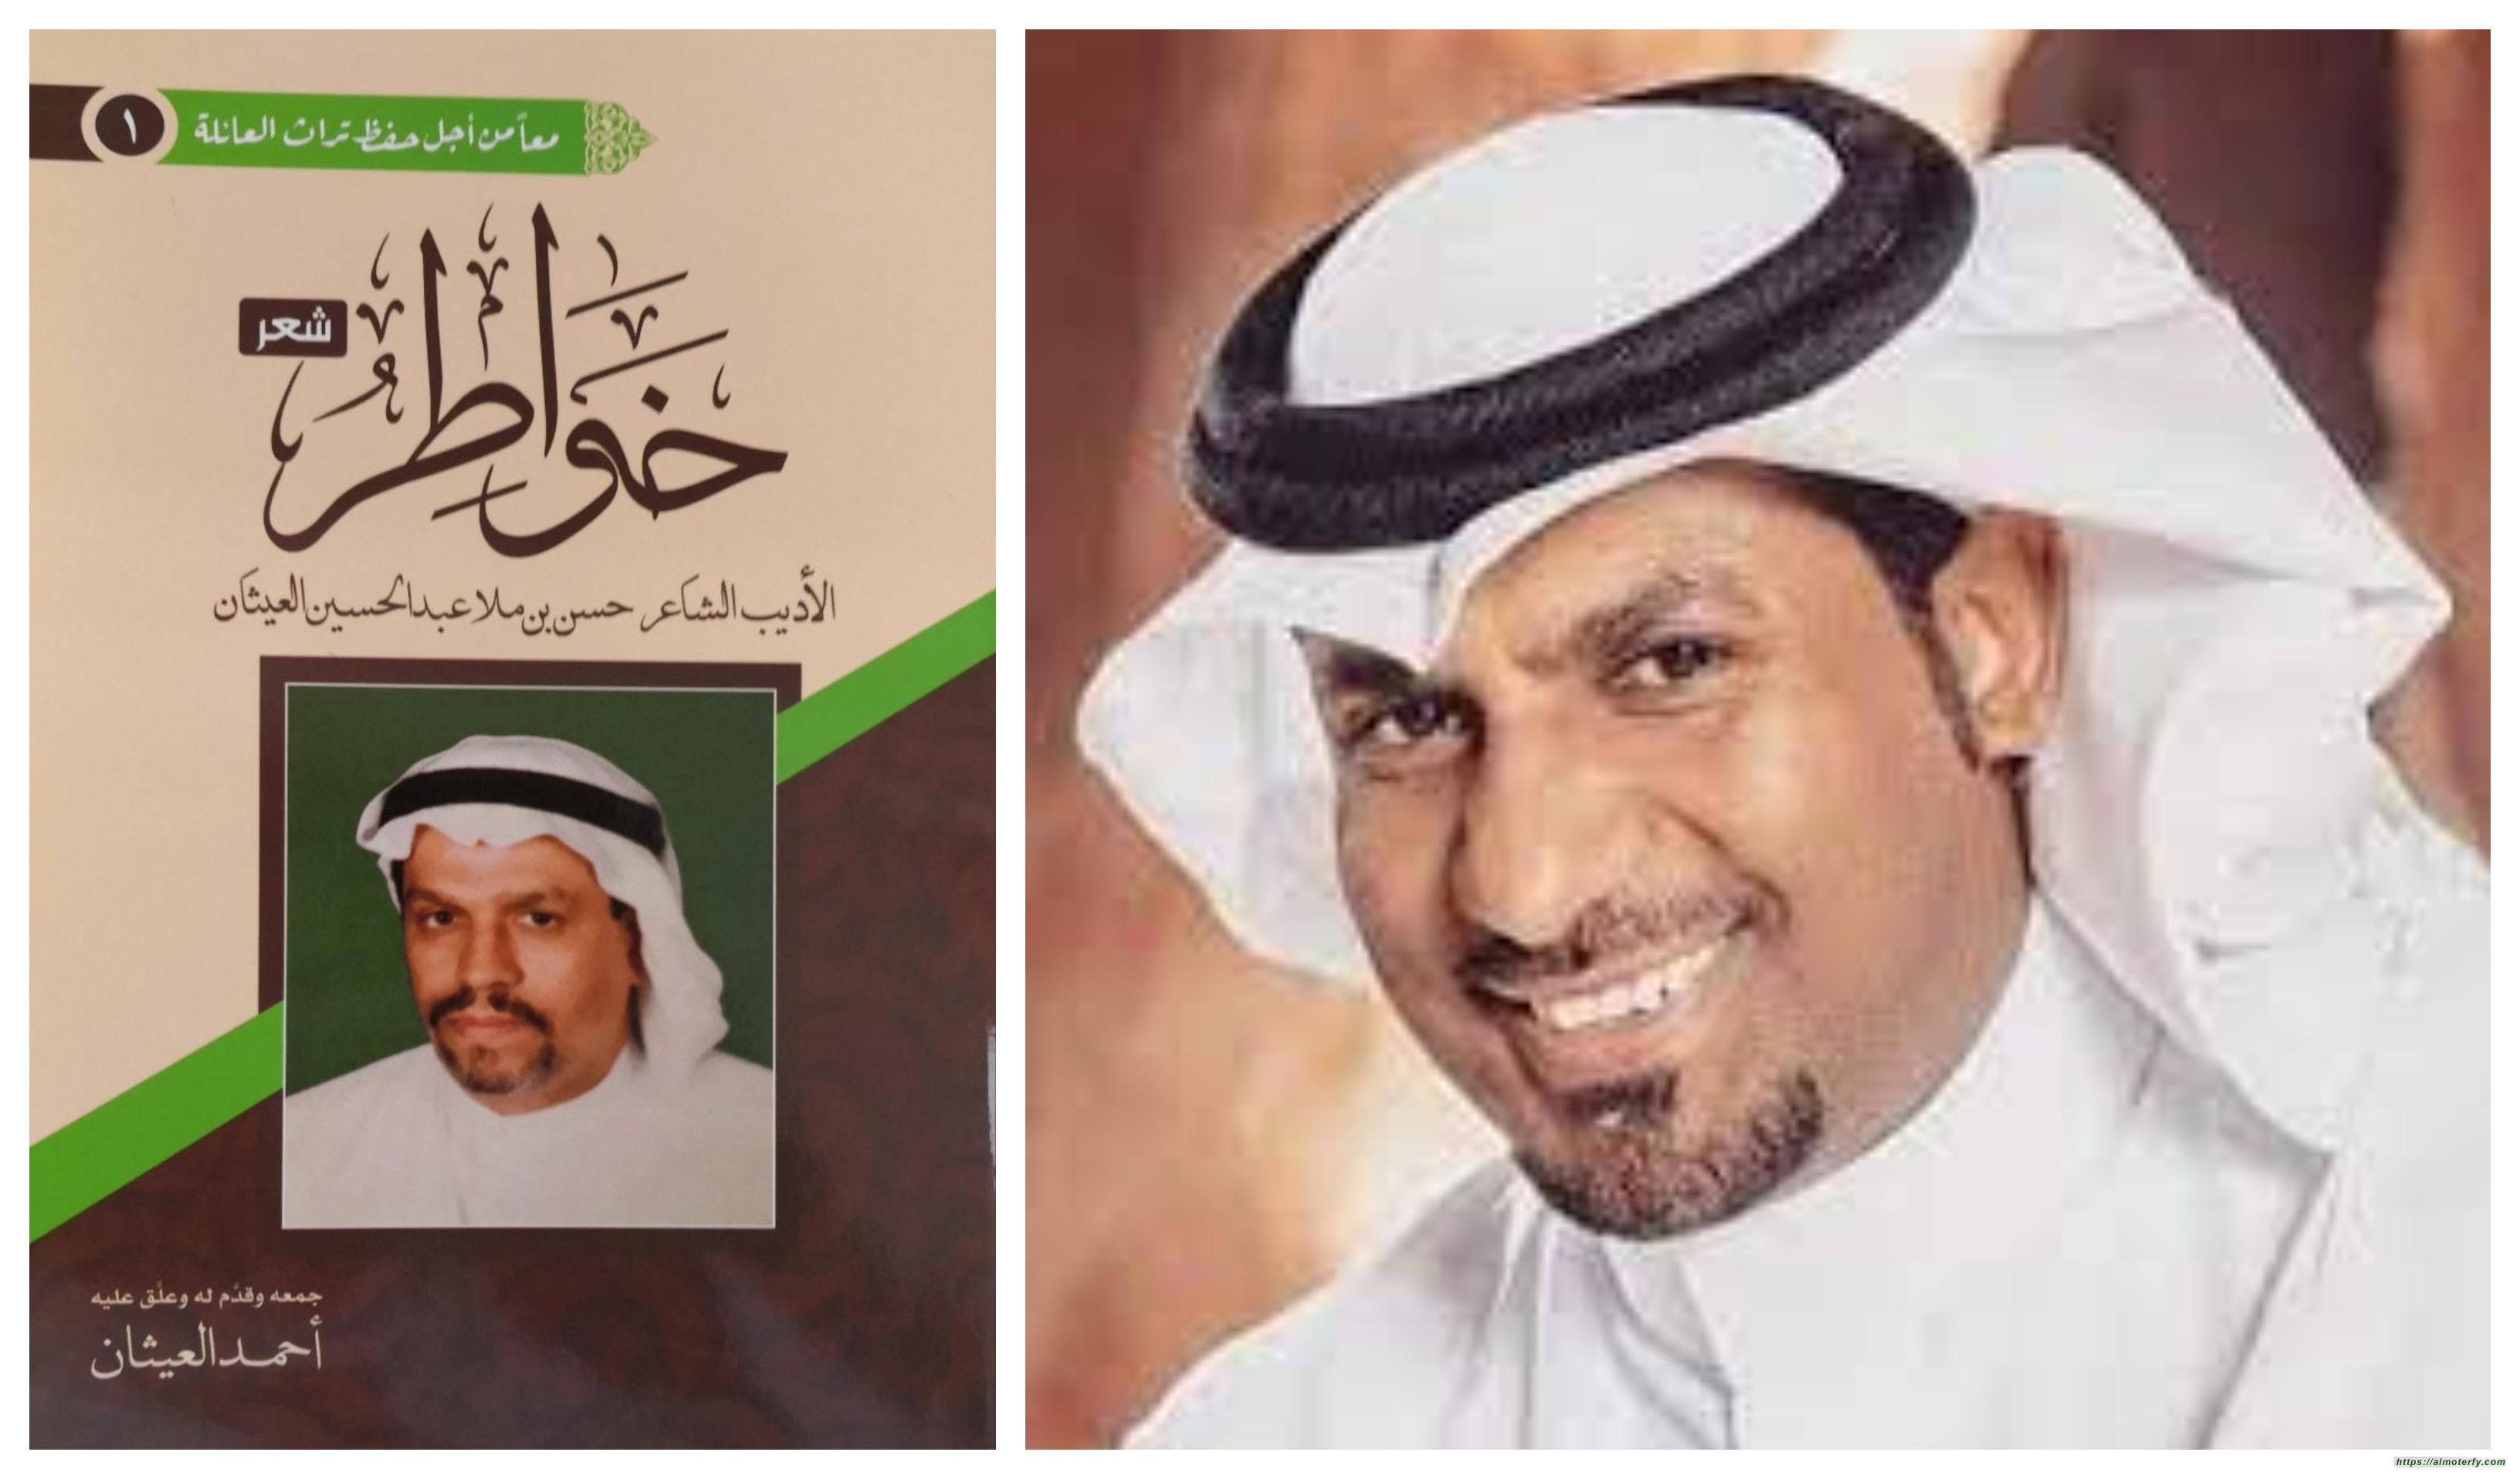 خواطر وشعر الأديب الشاعر حسن بن ملا عبدالحسين العيثان